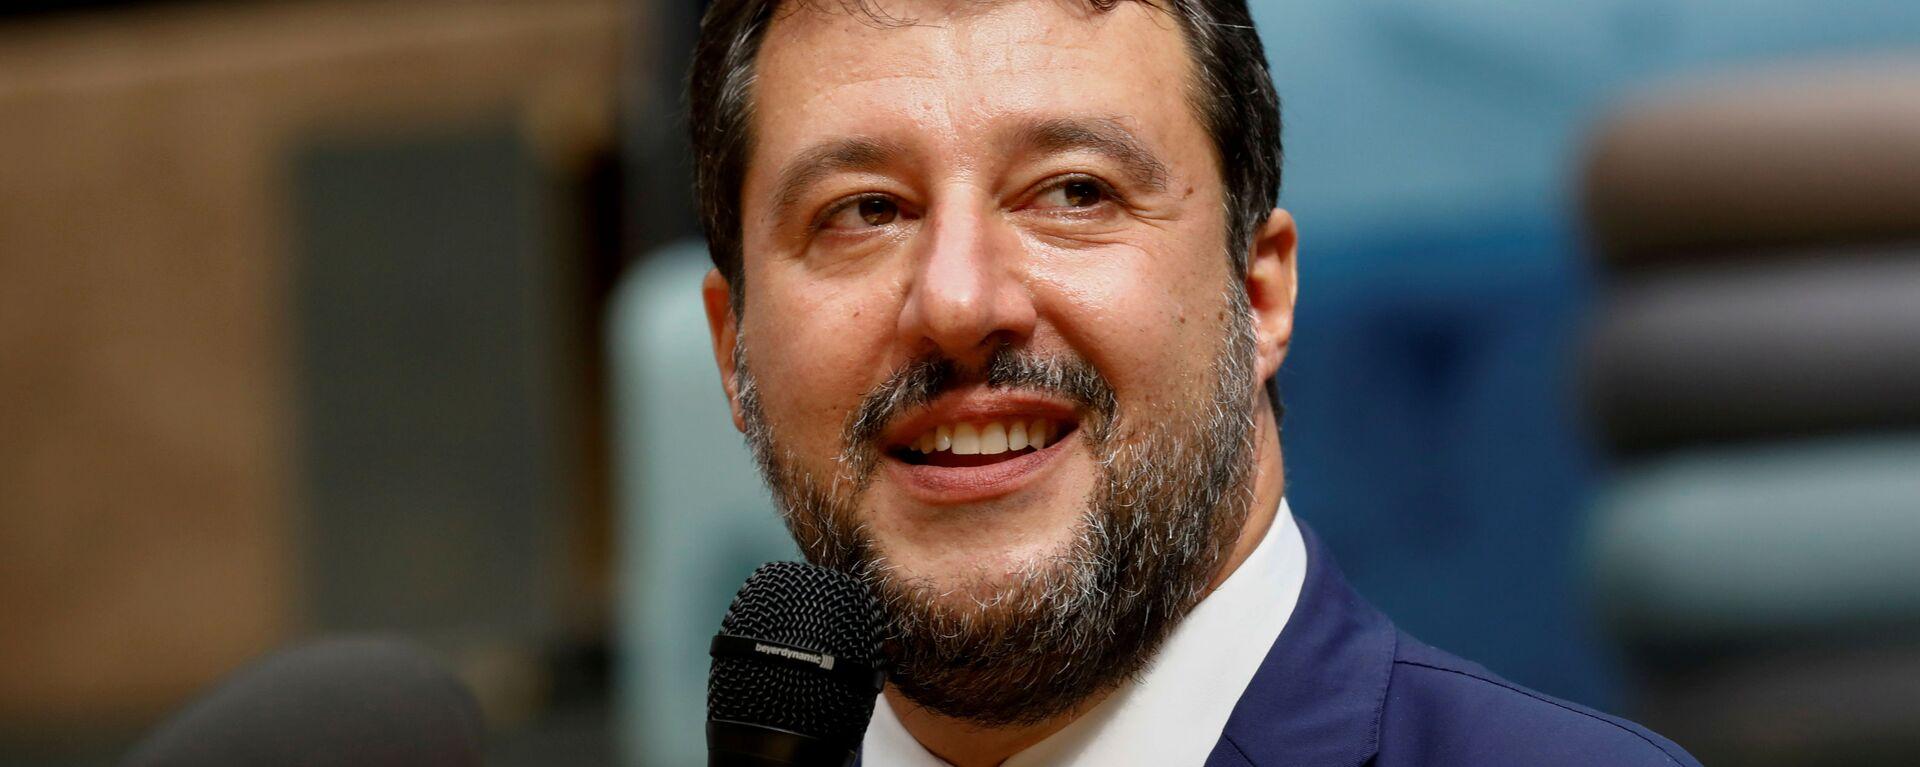 Matteo Salvini  - Sputnik Italia, 1920, 30.09.2021